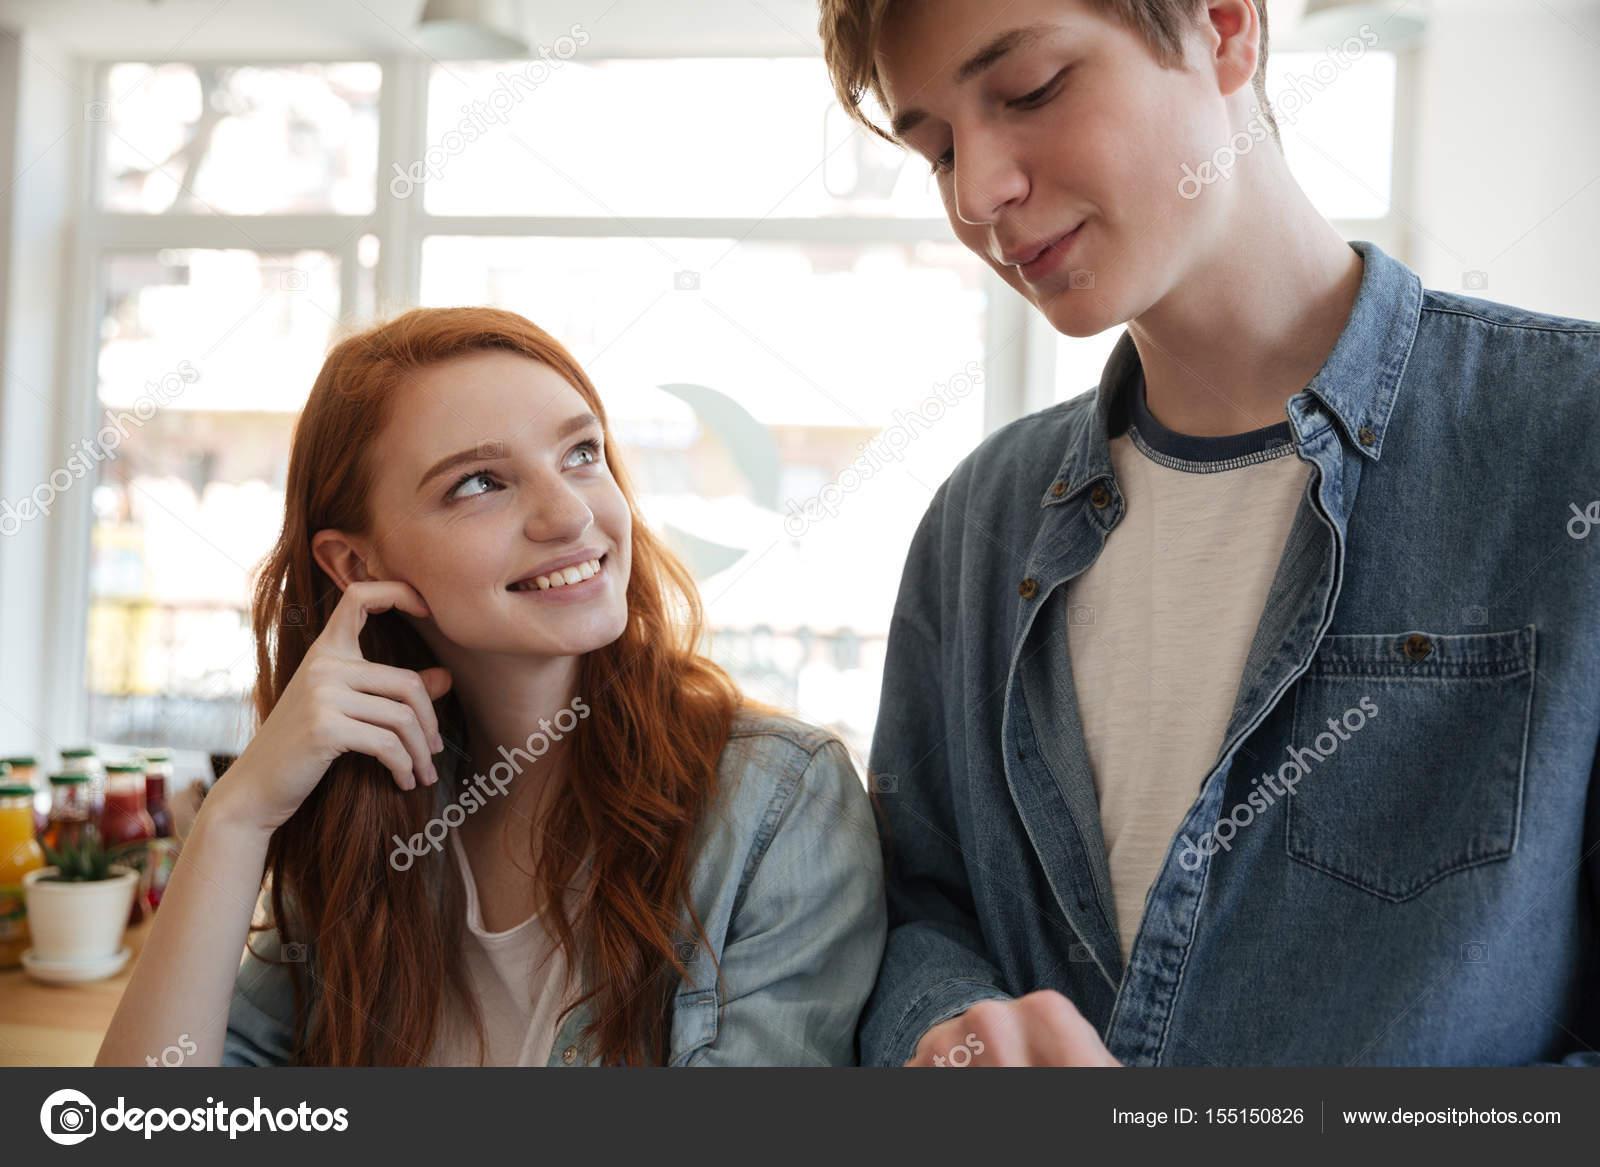 Ein Mädchen datiert, das zu beschäftigt ist